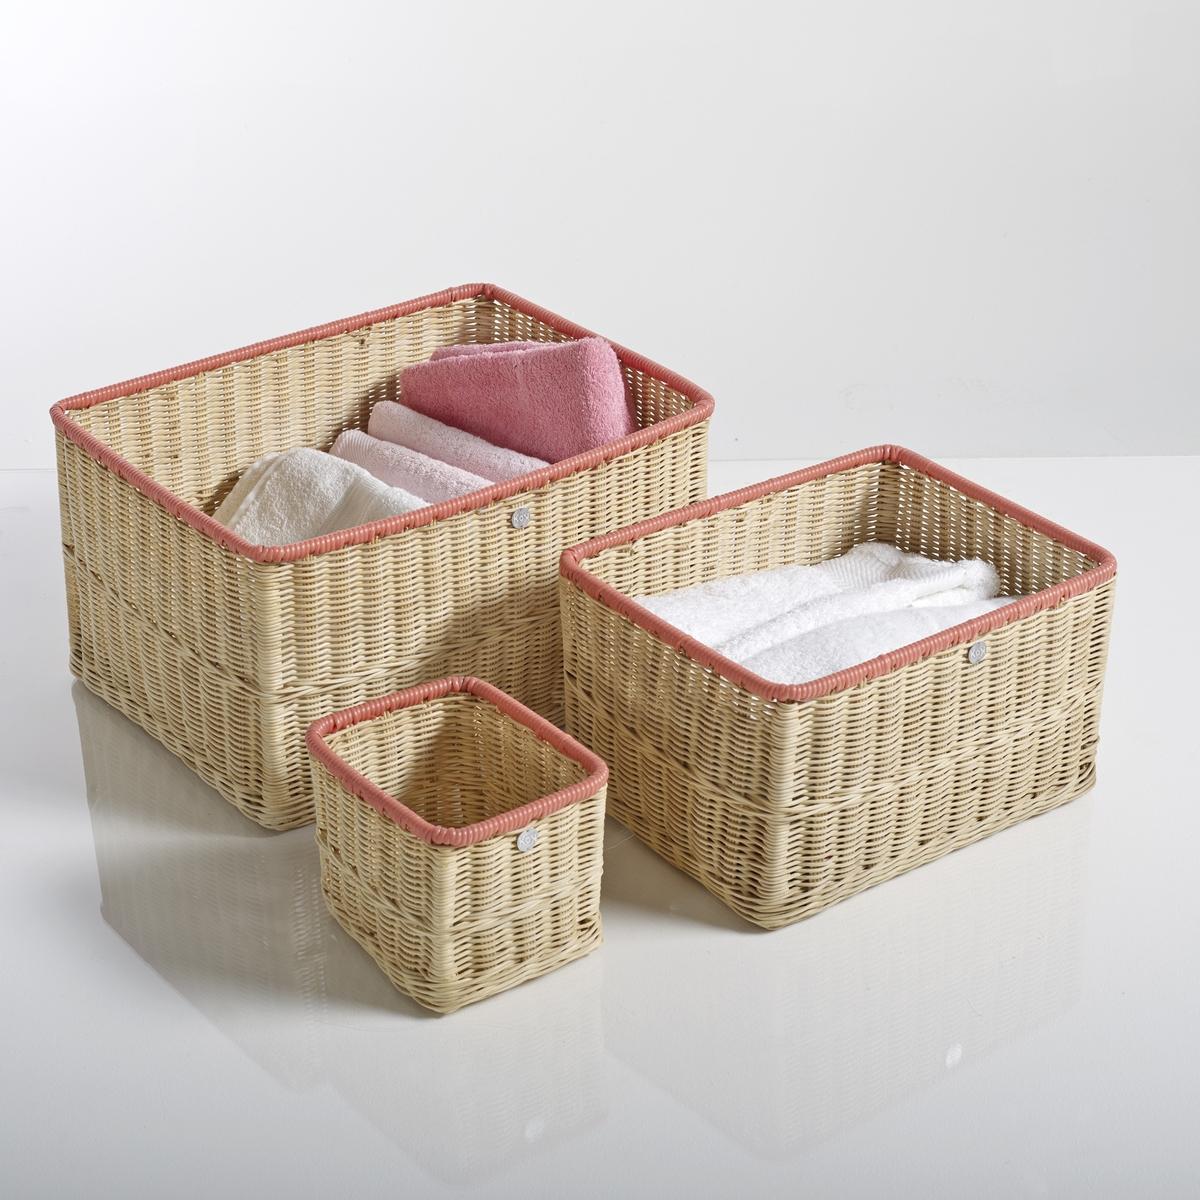 Корзинки для хранения вещей KOK Ozier ( 3 шт.)Описание 3 корзинок для хранения вещей Ozier  :Плетеная корзина с цветным окаймлением .Характеристики 3 корзинок Ozier :Из сердцевины плетеного ротанга .Отделка из цветной природной смолы  .Найдите коллекцию для хранения вещей на нашем сайте  ..Размеры 3 корзинок для хранения вещей Ozier:Маленькая модель  : 20 x 15 x16 см .Средняя модель: 35 x 21 x 28 см Большая модель  : 45 x 25 x 36 см .Размер и вес с упаковкой:1 упаковка49 x 28 x 39 cm, 2,5 кг<br><br>Цвет: оранжевый